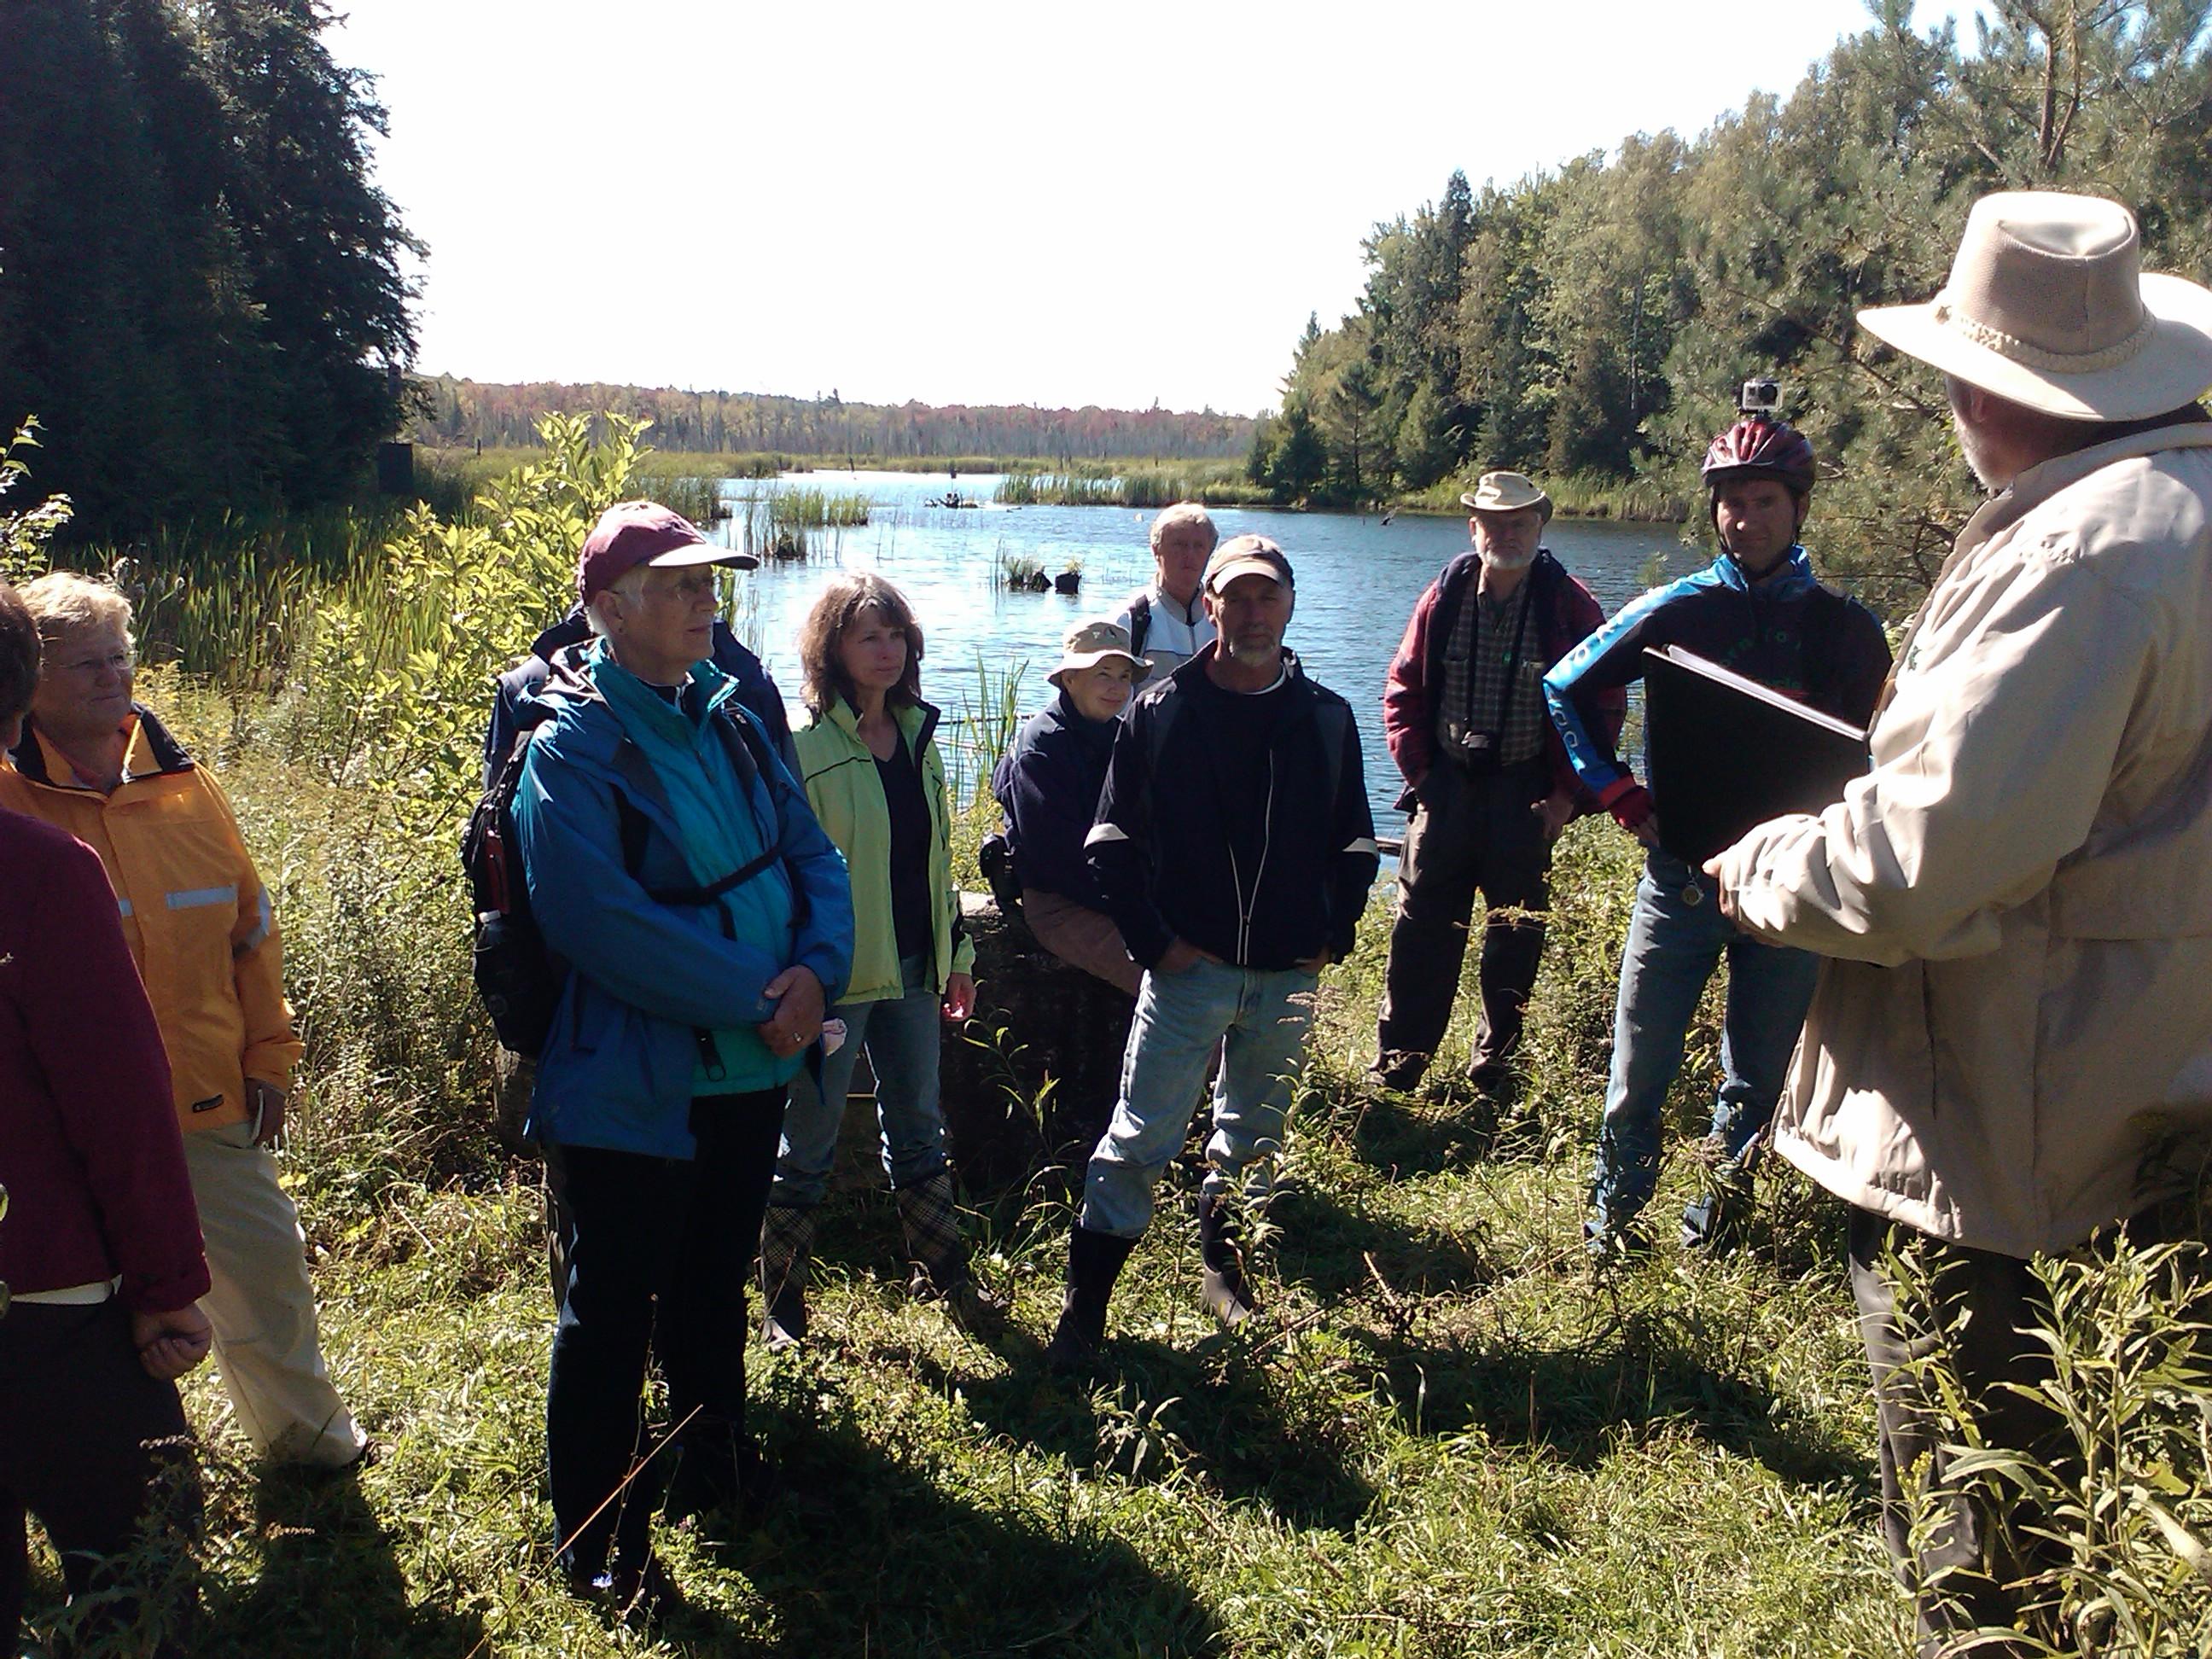 A wetland workshop at the DU Pond